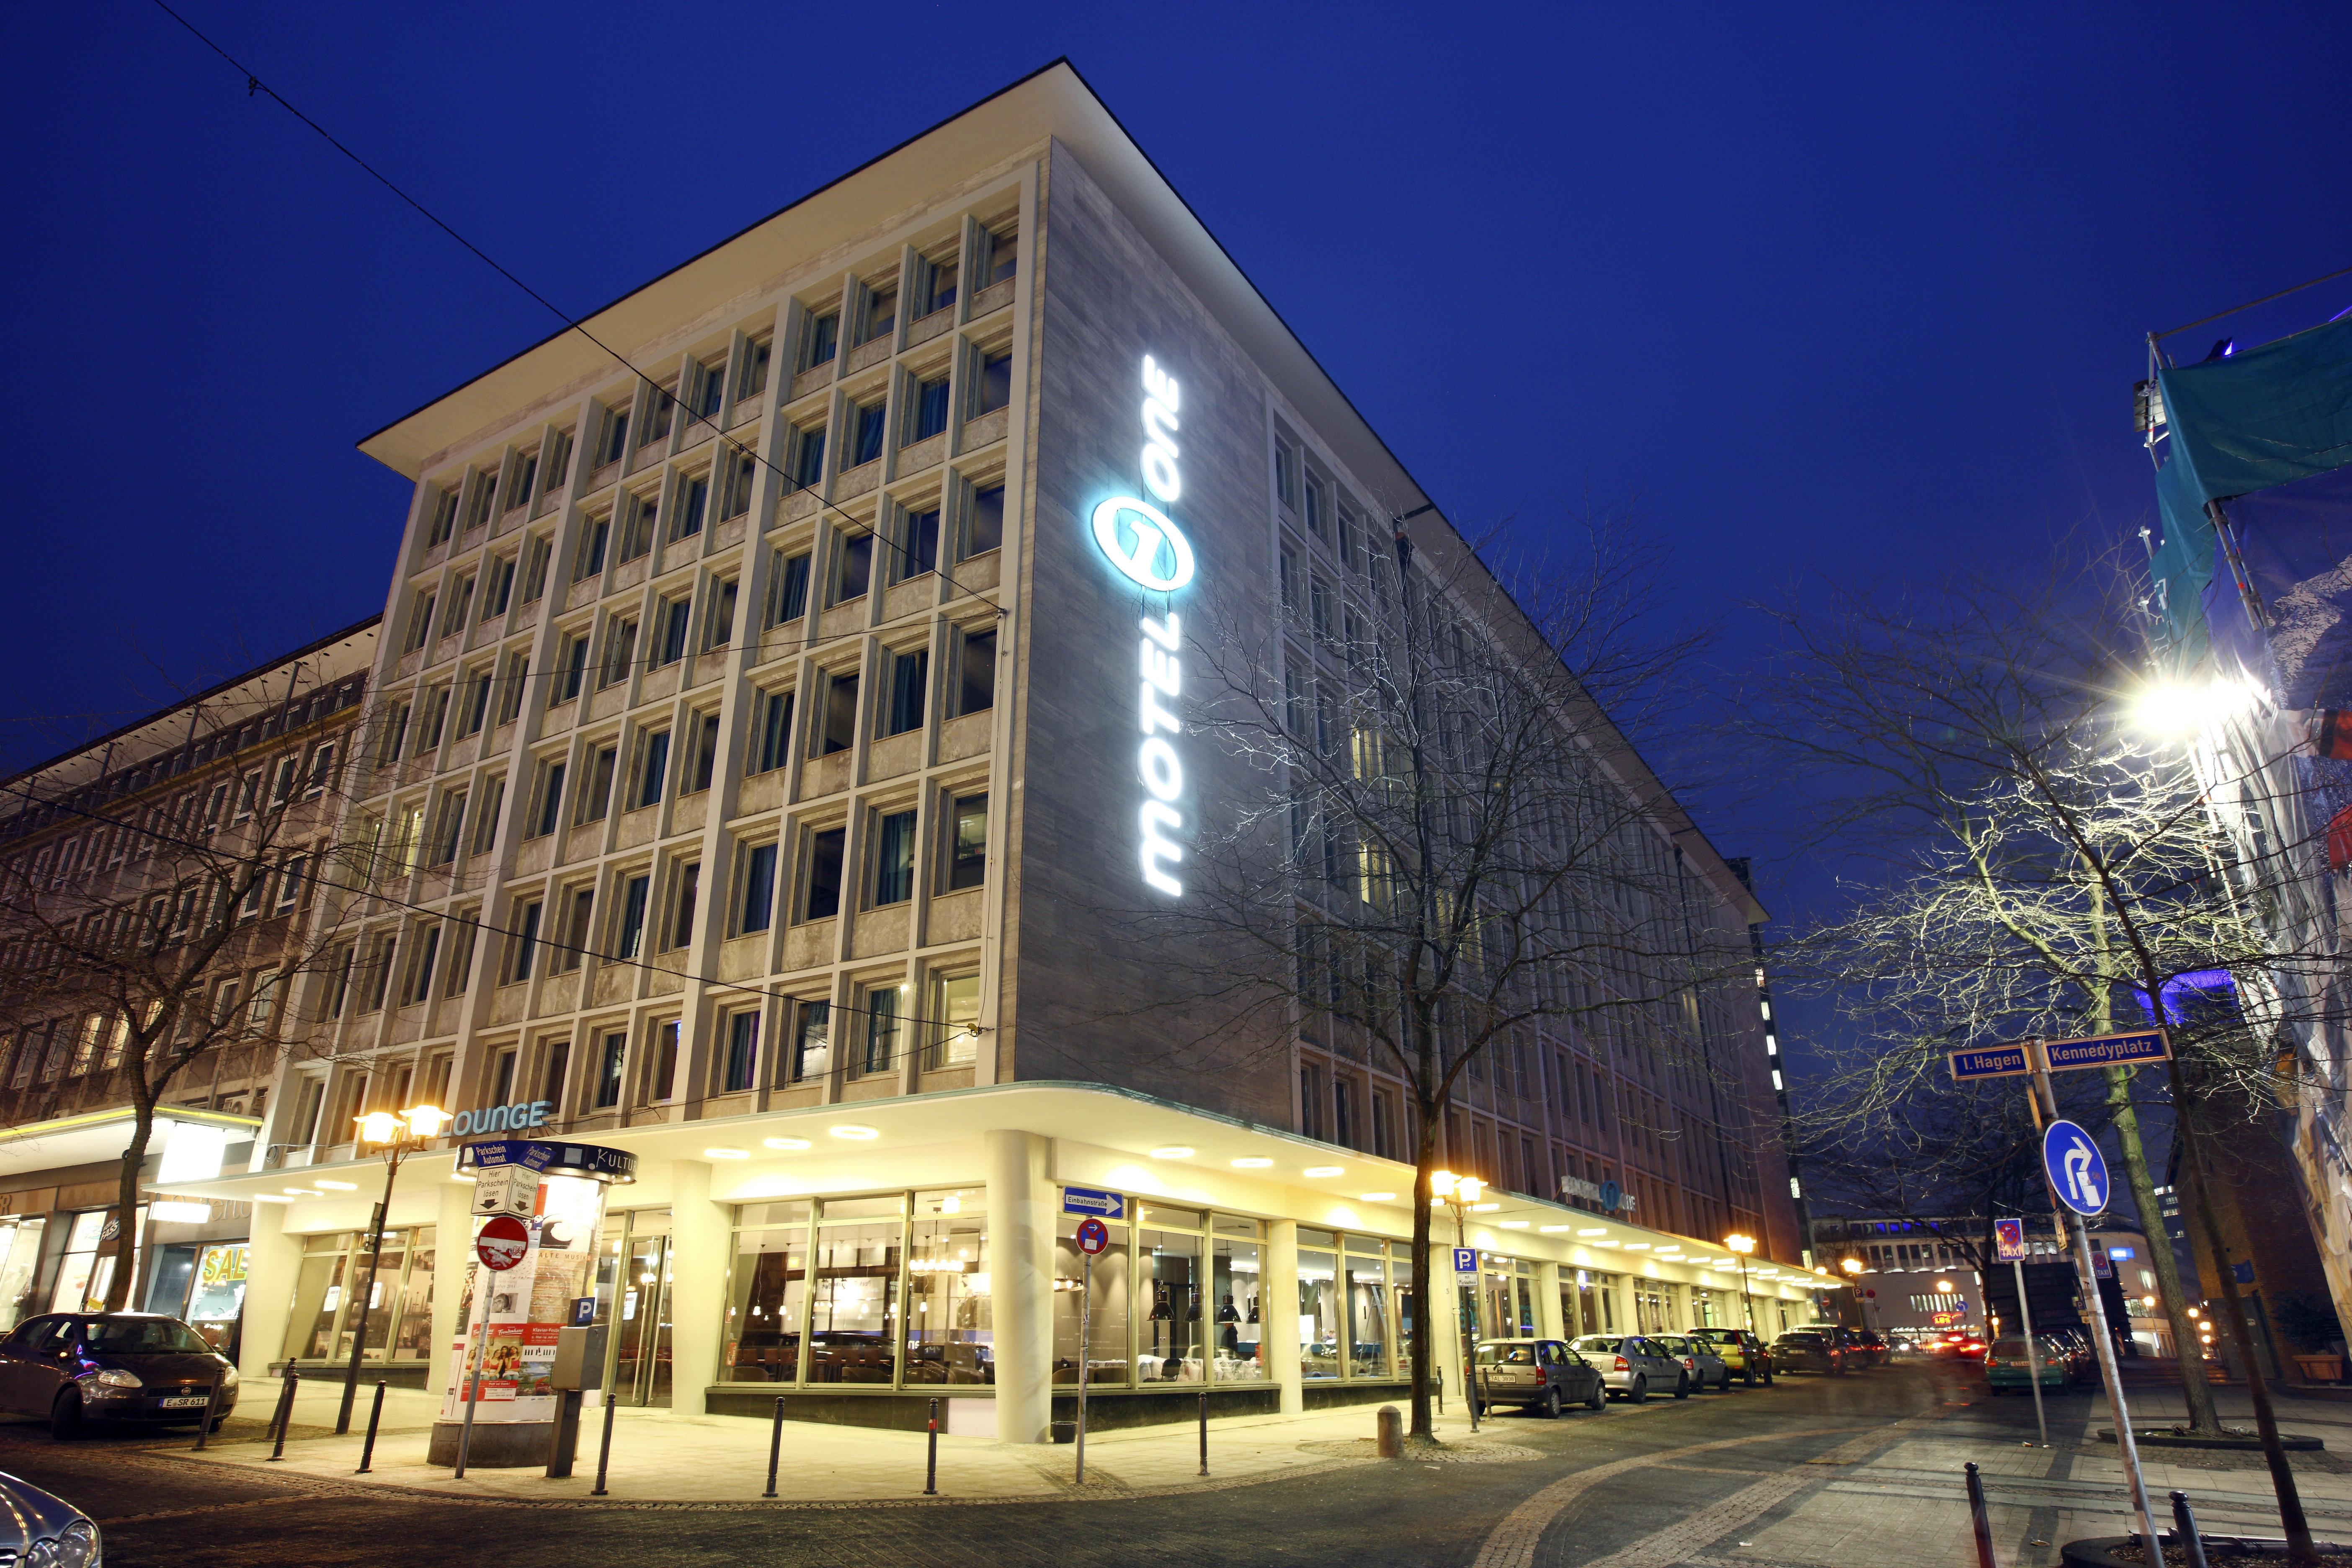 G 252 Nstige Hotels In Essen Buchen Wo De